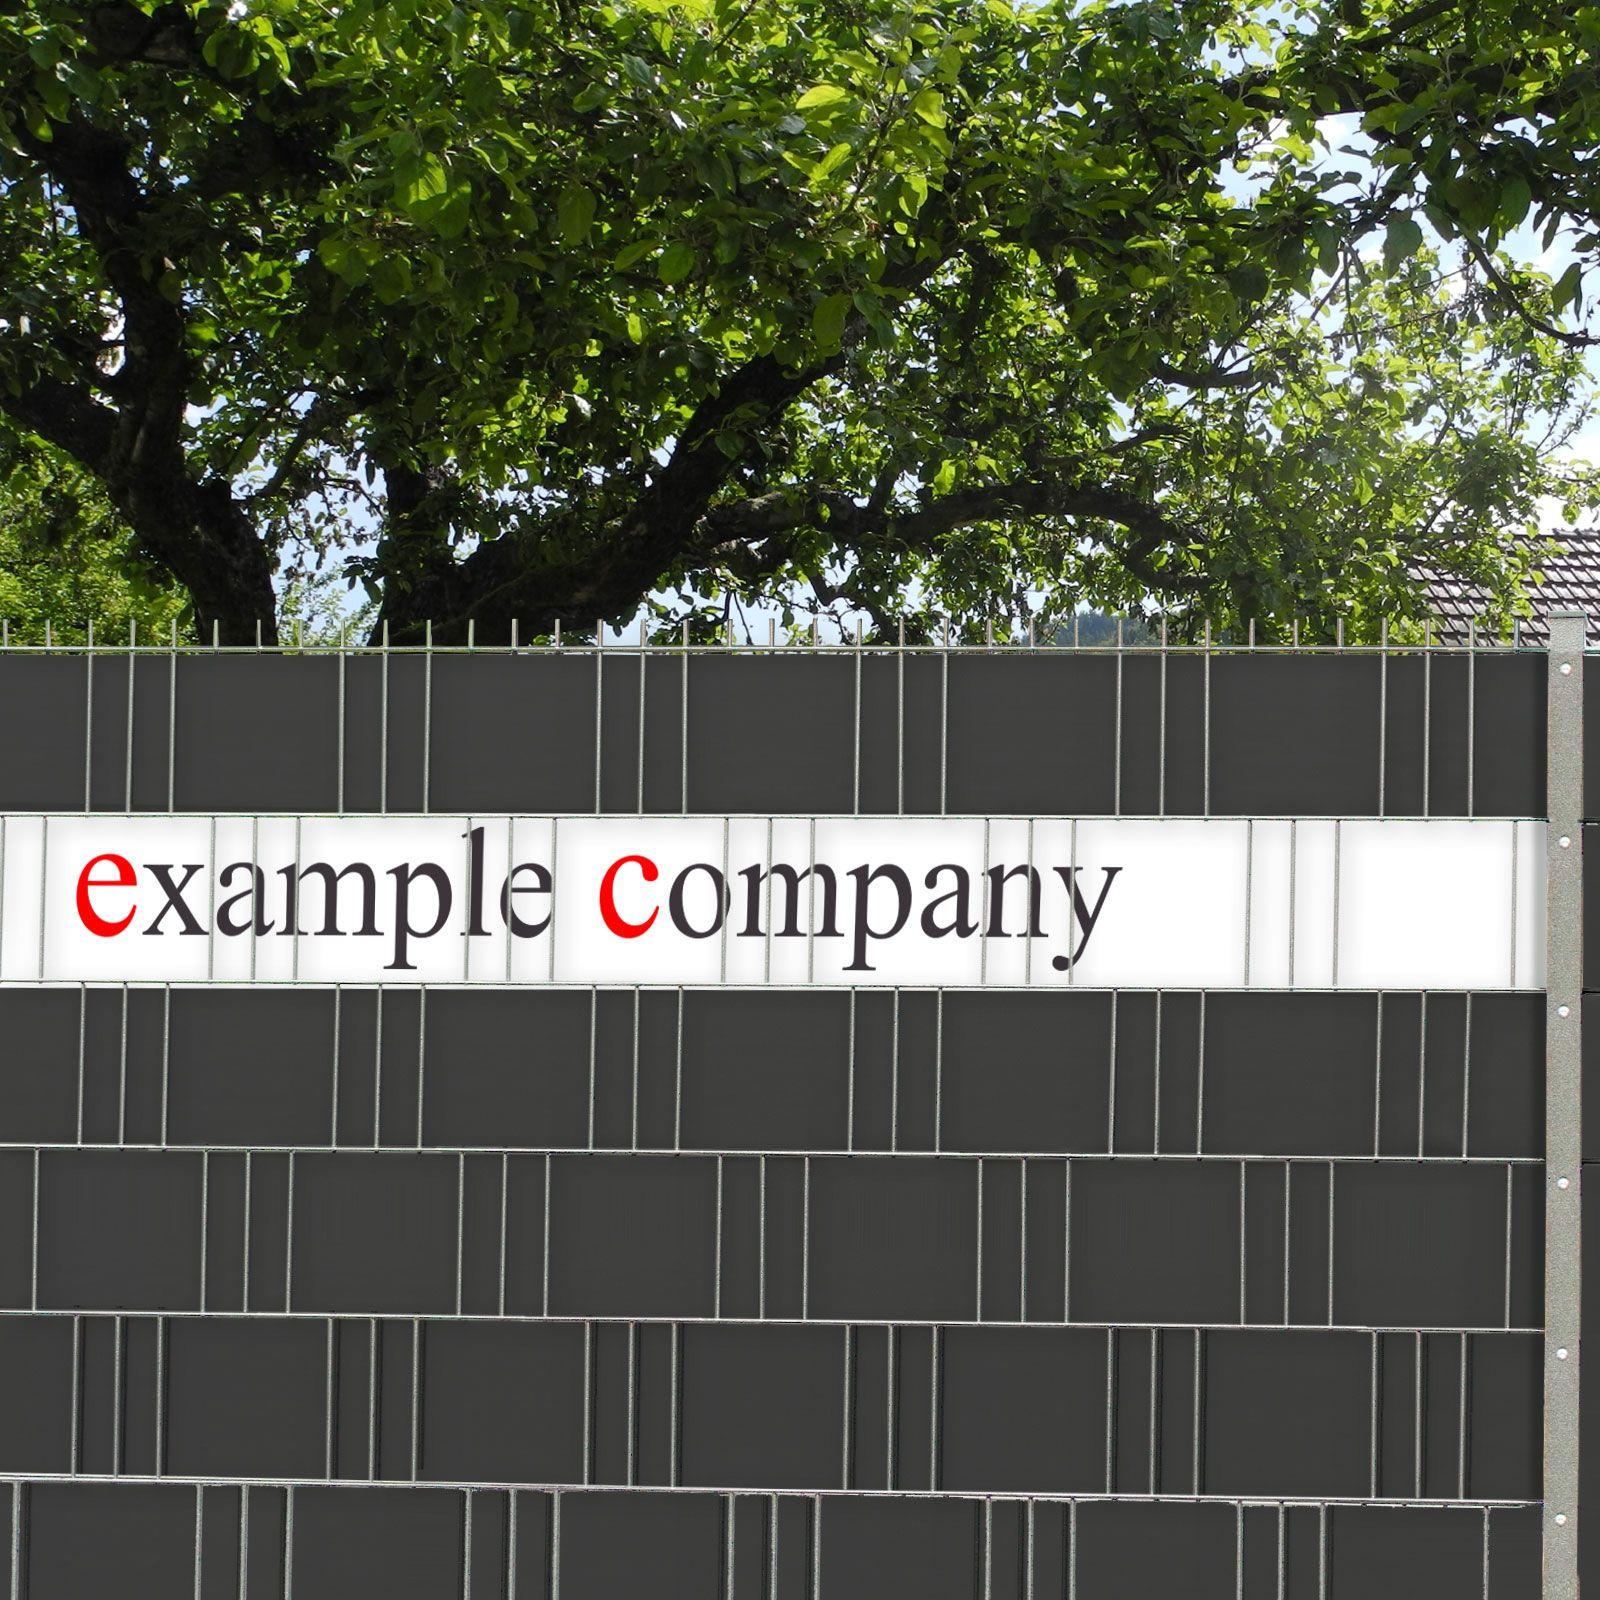 Logo Druck auf dem Sichtschutzzaun von M tec technology gedruckt